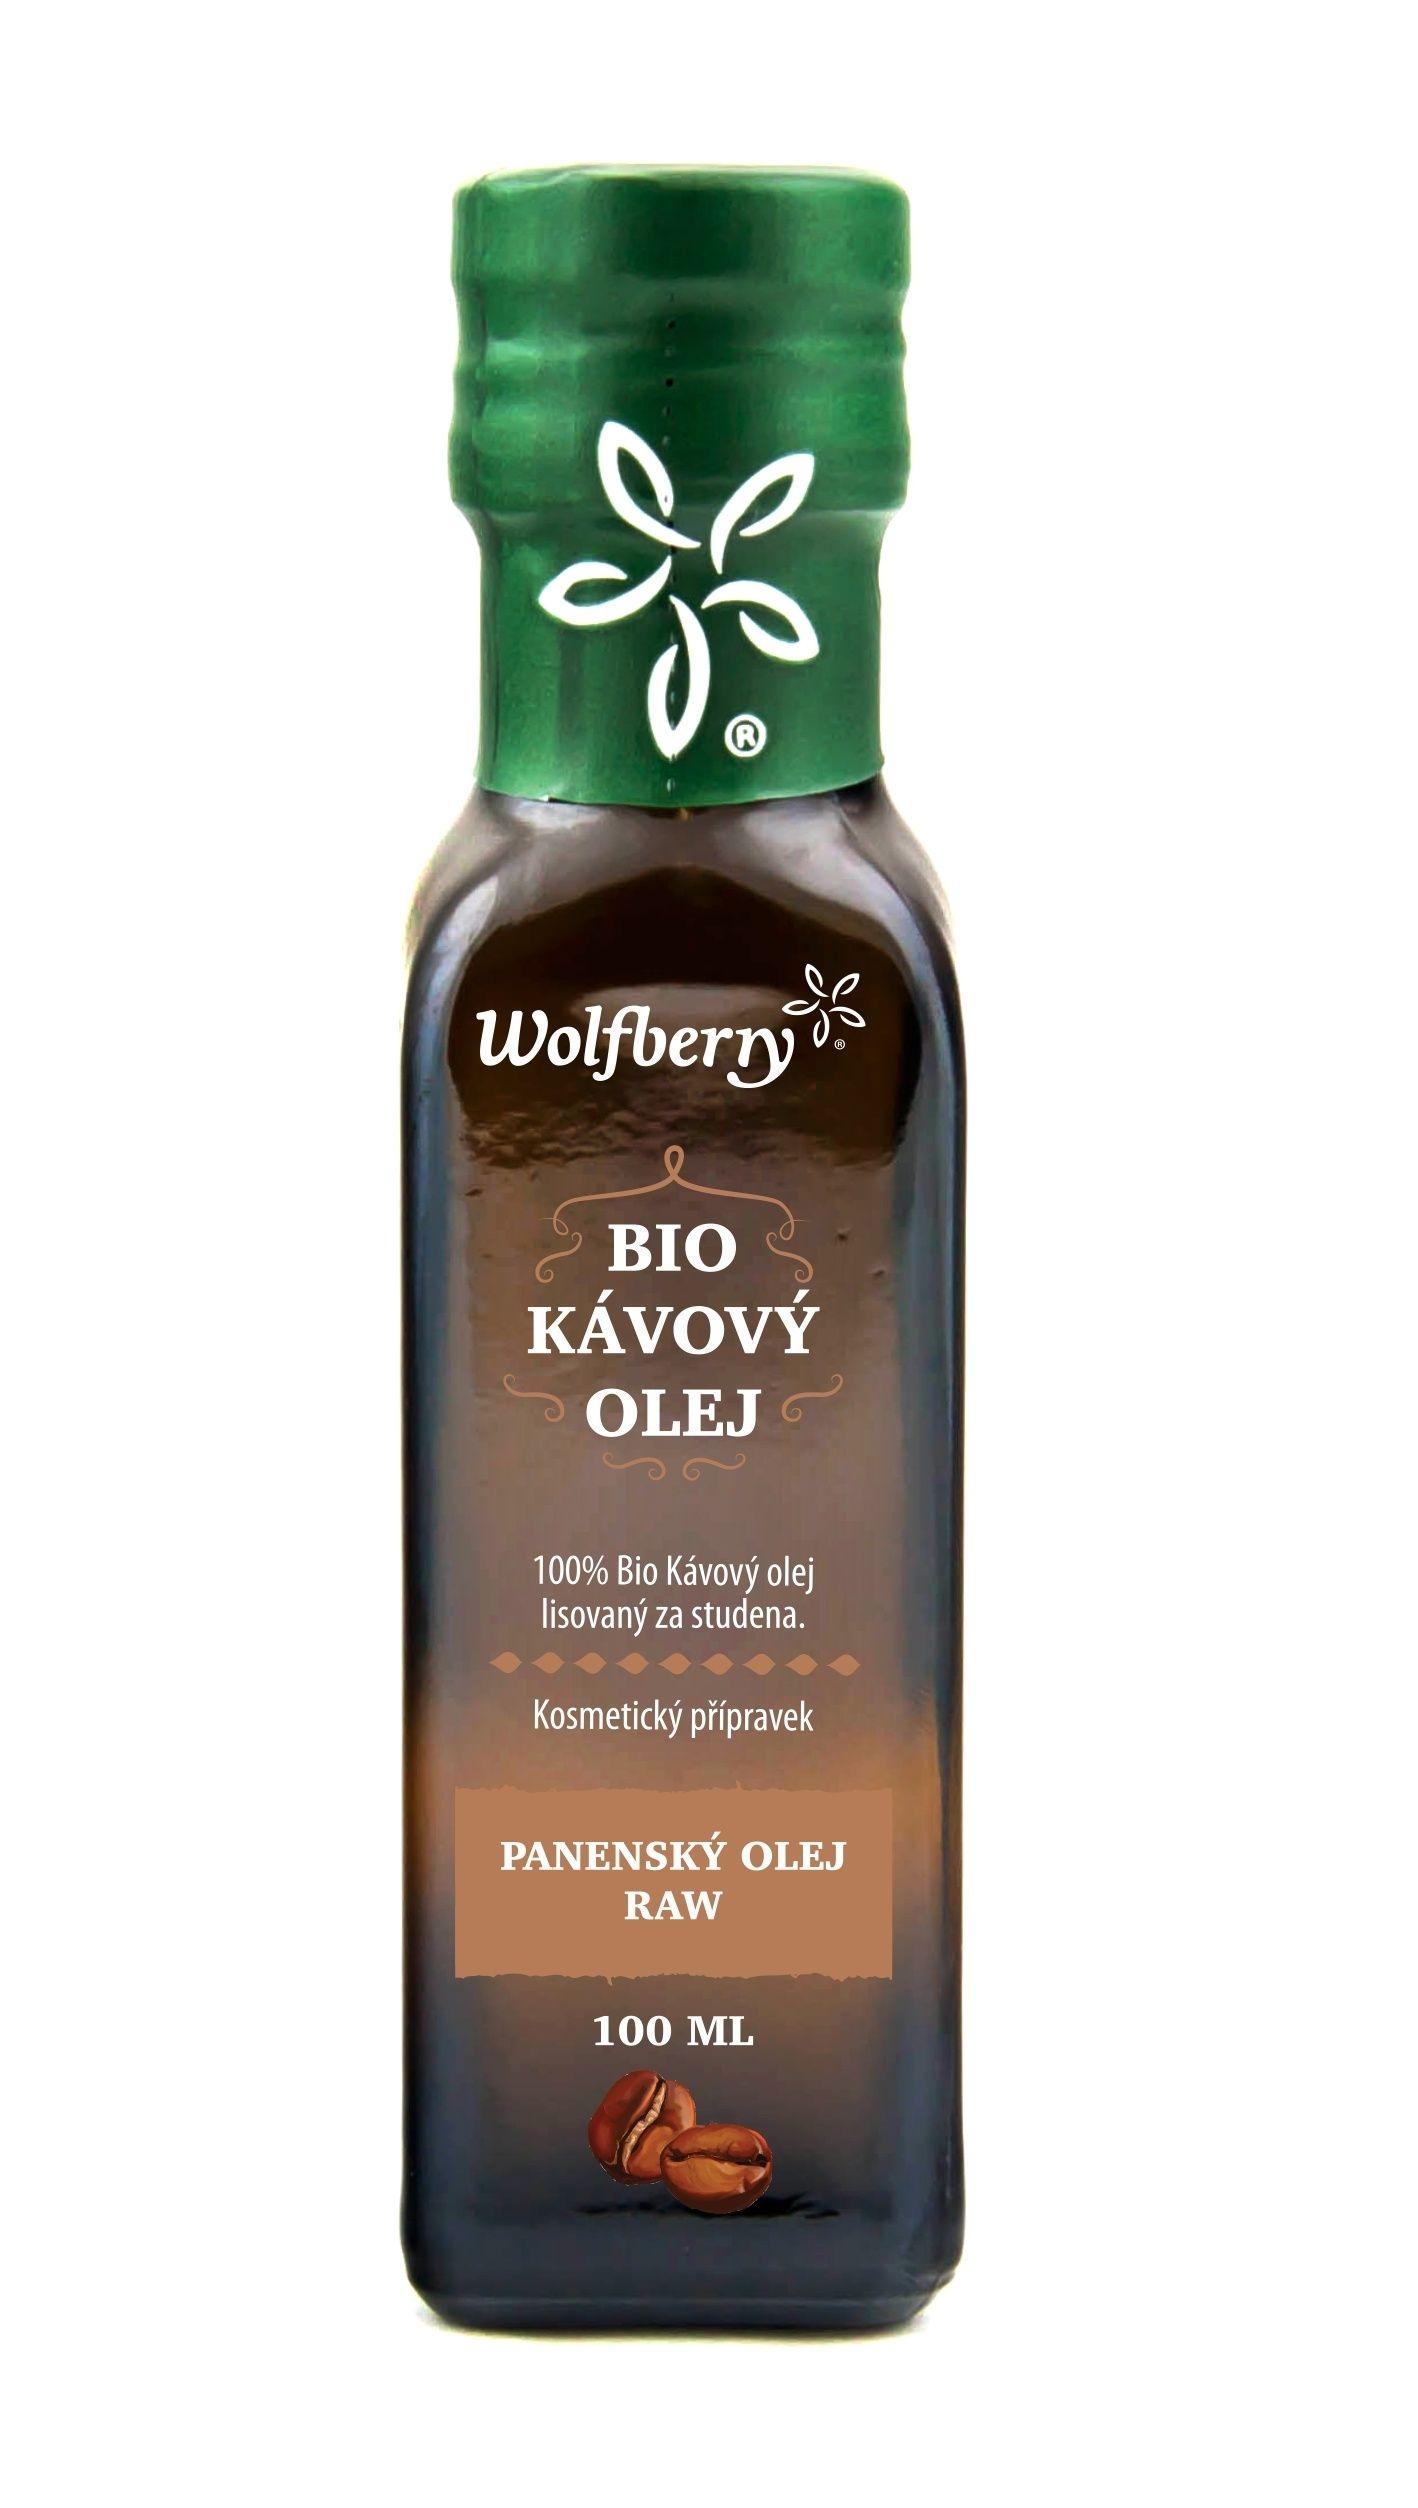 Wolfberry Kávový olej BIO 100 ml